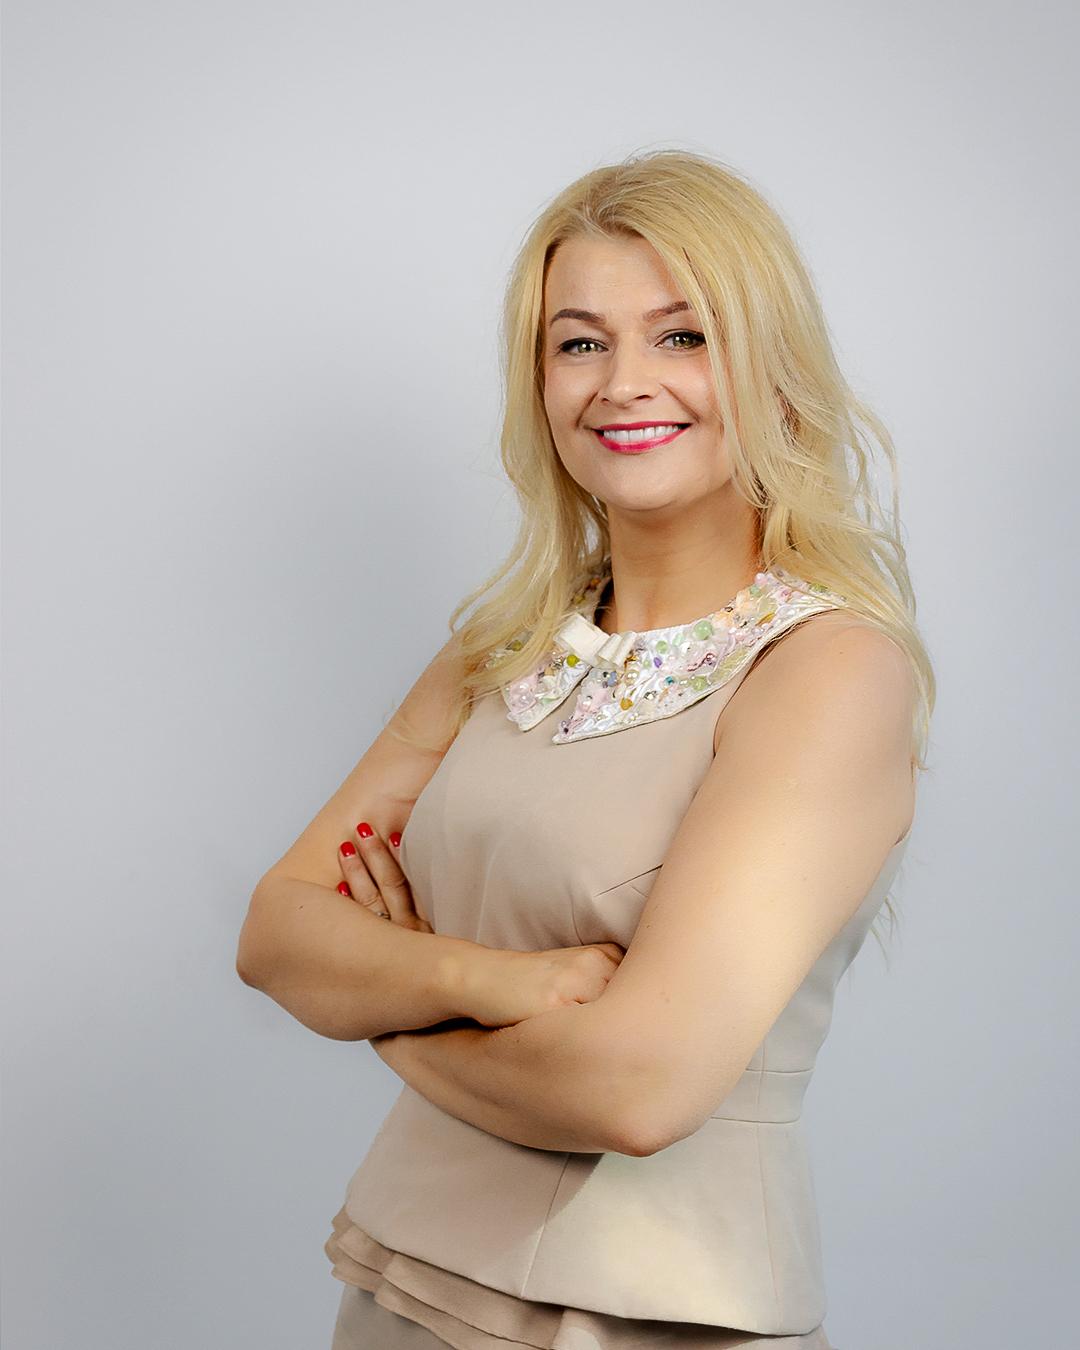 Daiva Ambrulaitienė – Klaipėdos regiono vadybininkė